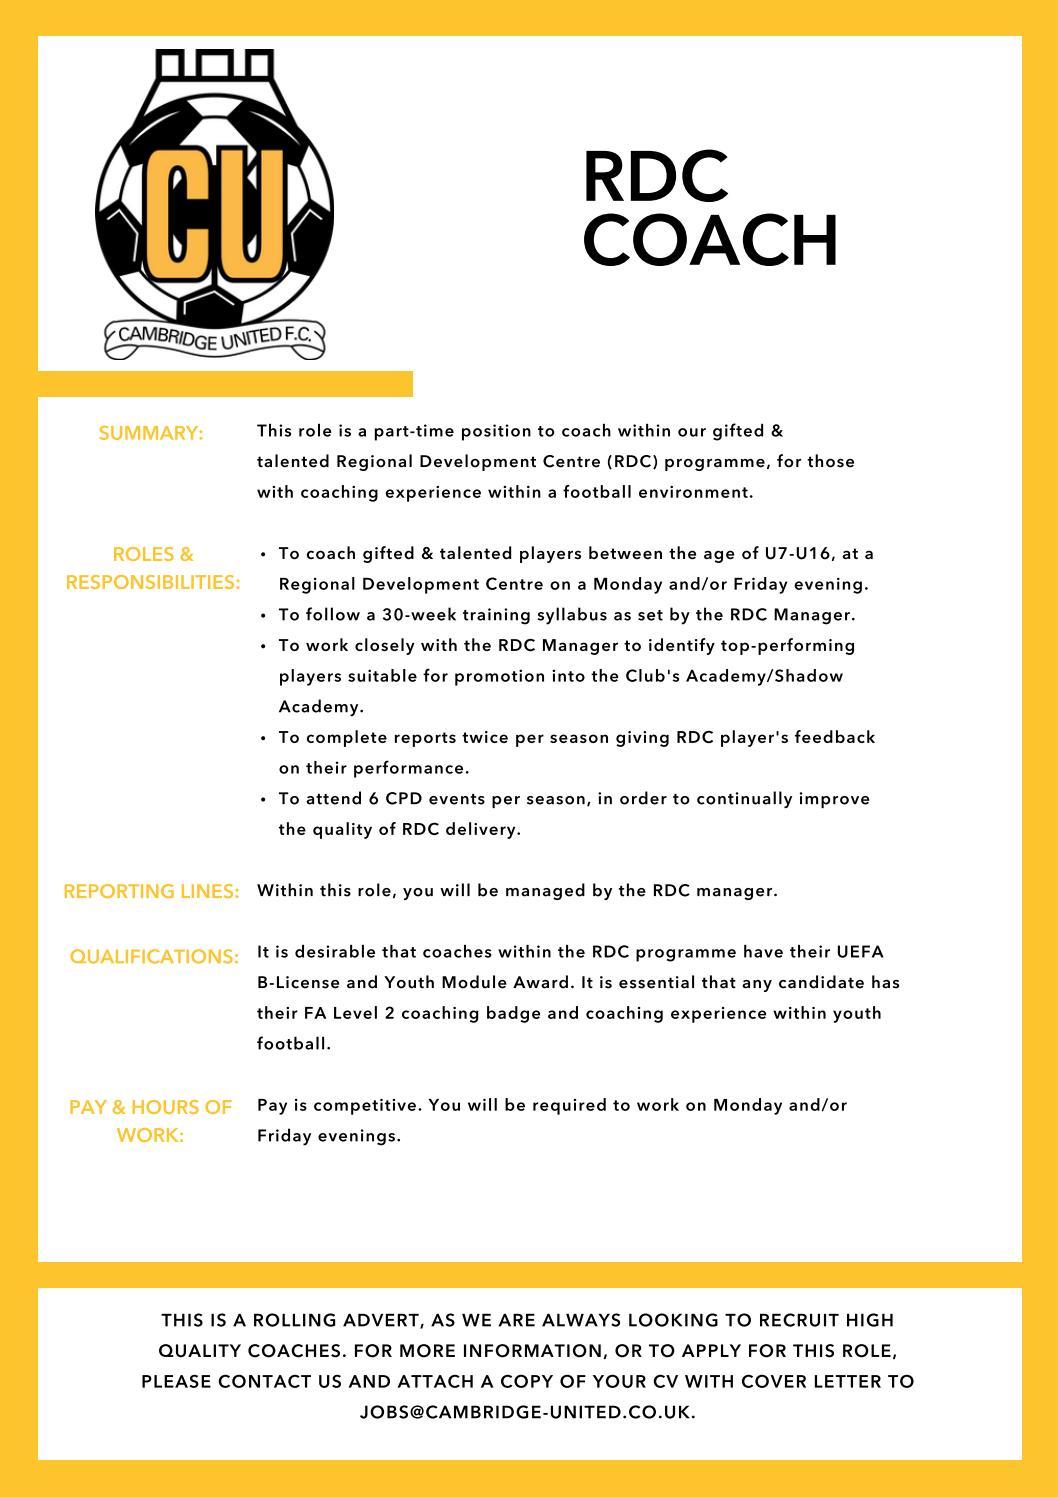 RDC Coach by Cambridge United Football Club - issuu